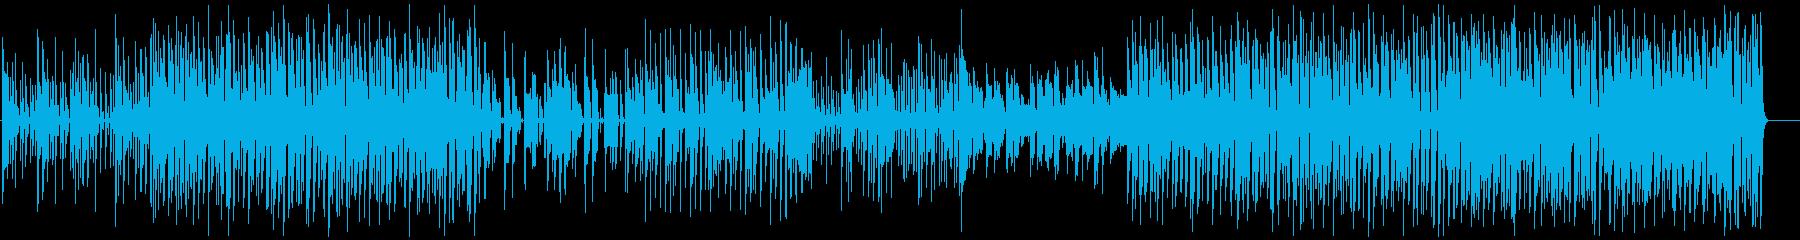 源さんっぽいHappyなロック【逃恥】の再生済みの波形